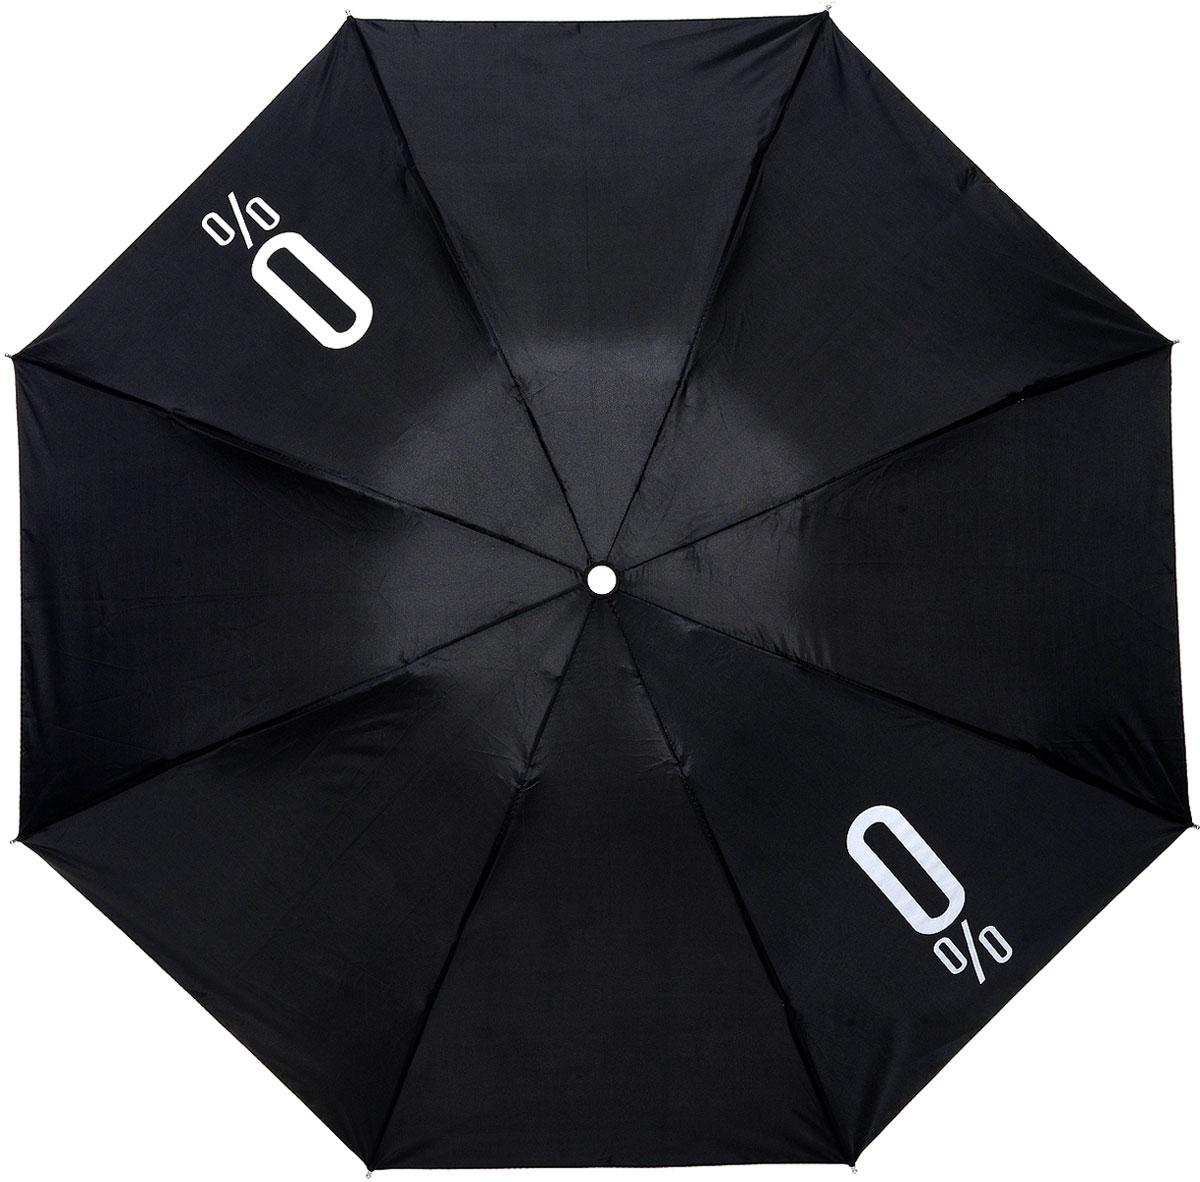 Зонт Эврика, механический, 2 сложения, цвет: черный, серый. 8998289982Оригинальный зонт Эврика надежно защитит вас от дождя. Купол, оформленный оригинальным принтом, выполнен из высококачественного ПВХ, который не пропускает воду. Каркас зонта, выполненный из прочного металла, состоит из восьми спиц. Зонт имеет механический тип сложения: открывается и закрывается вручную до характерного щелчка. Удобная ручка выполнена из пластика. Футляр из пластика выполнен в виде бутылки.